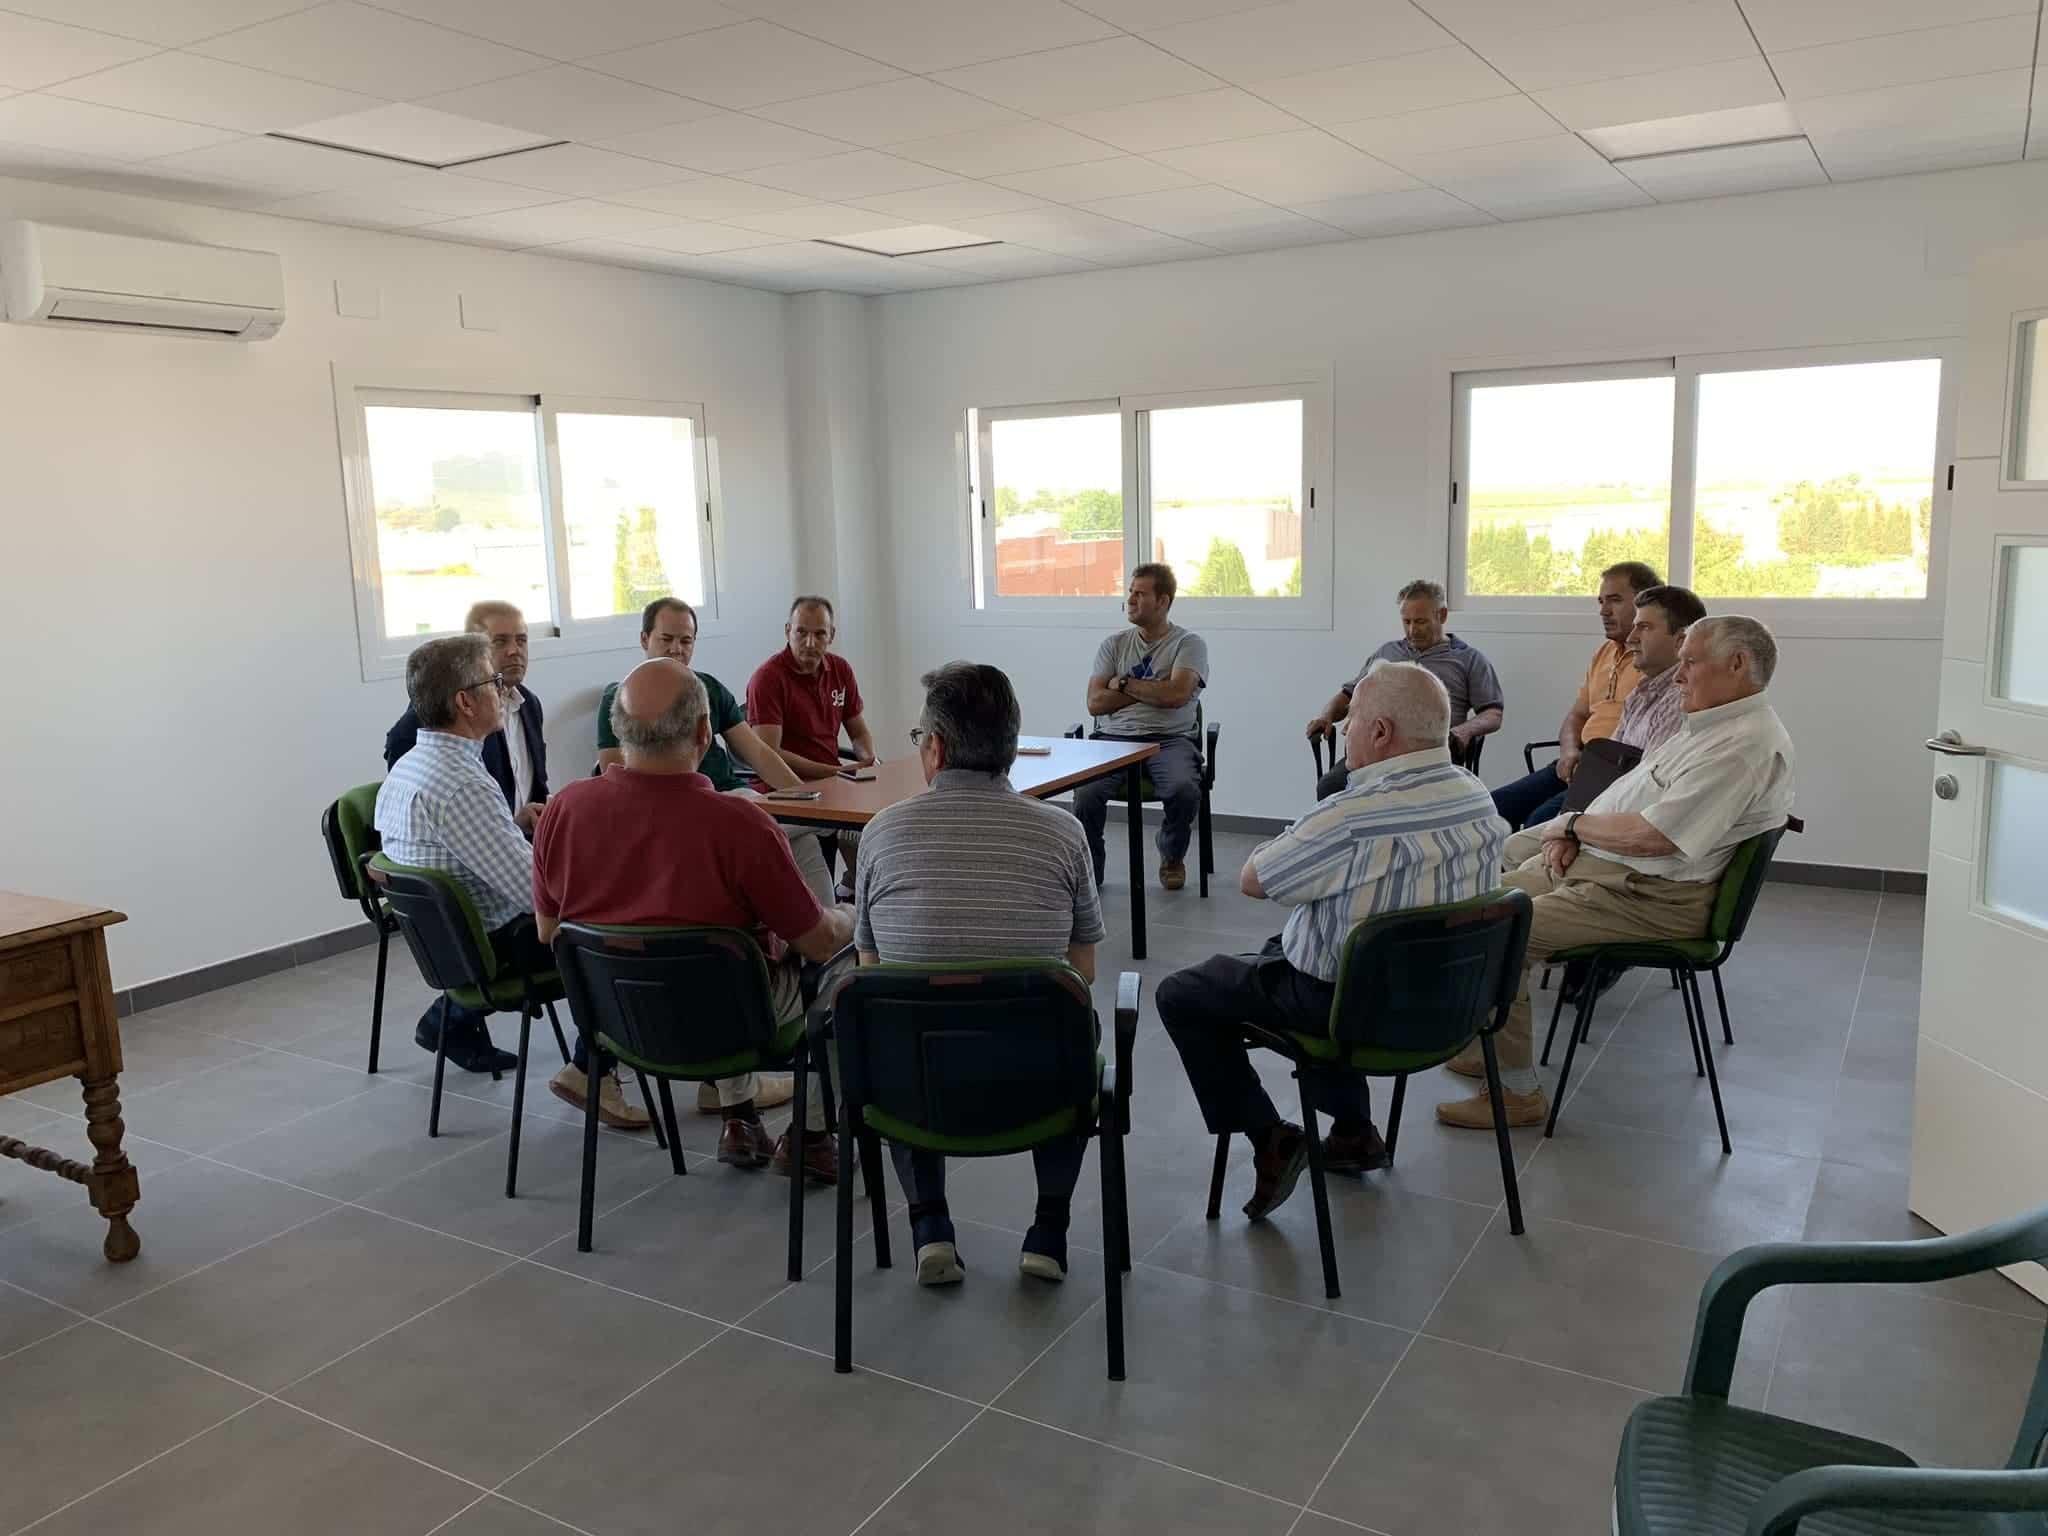 visita almazarera la encarnacion herencia 5 - Nuevas instalaciones de la Cooperativa Almazarera La Encarnación en Herencia